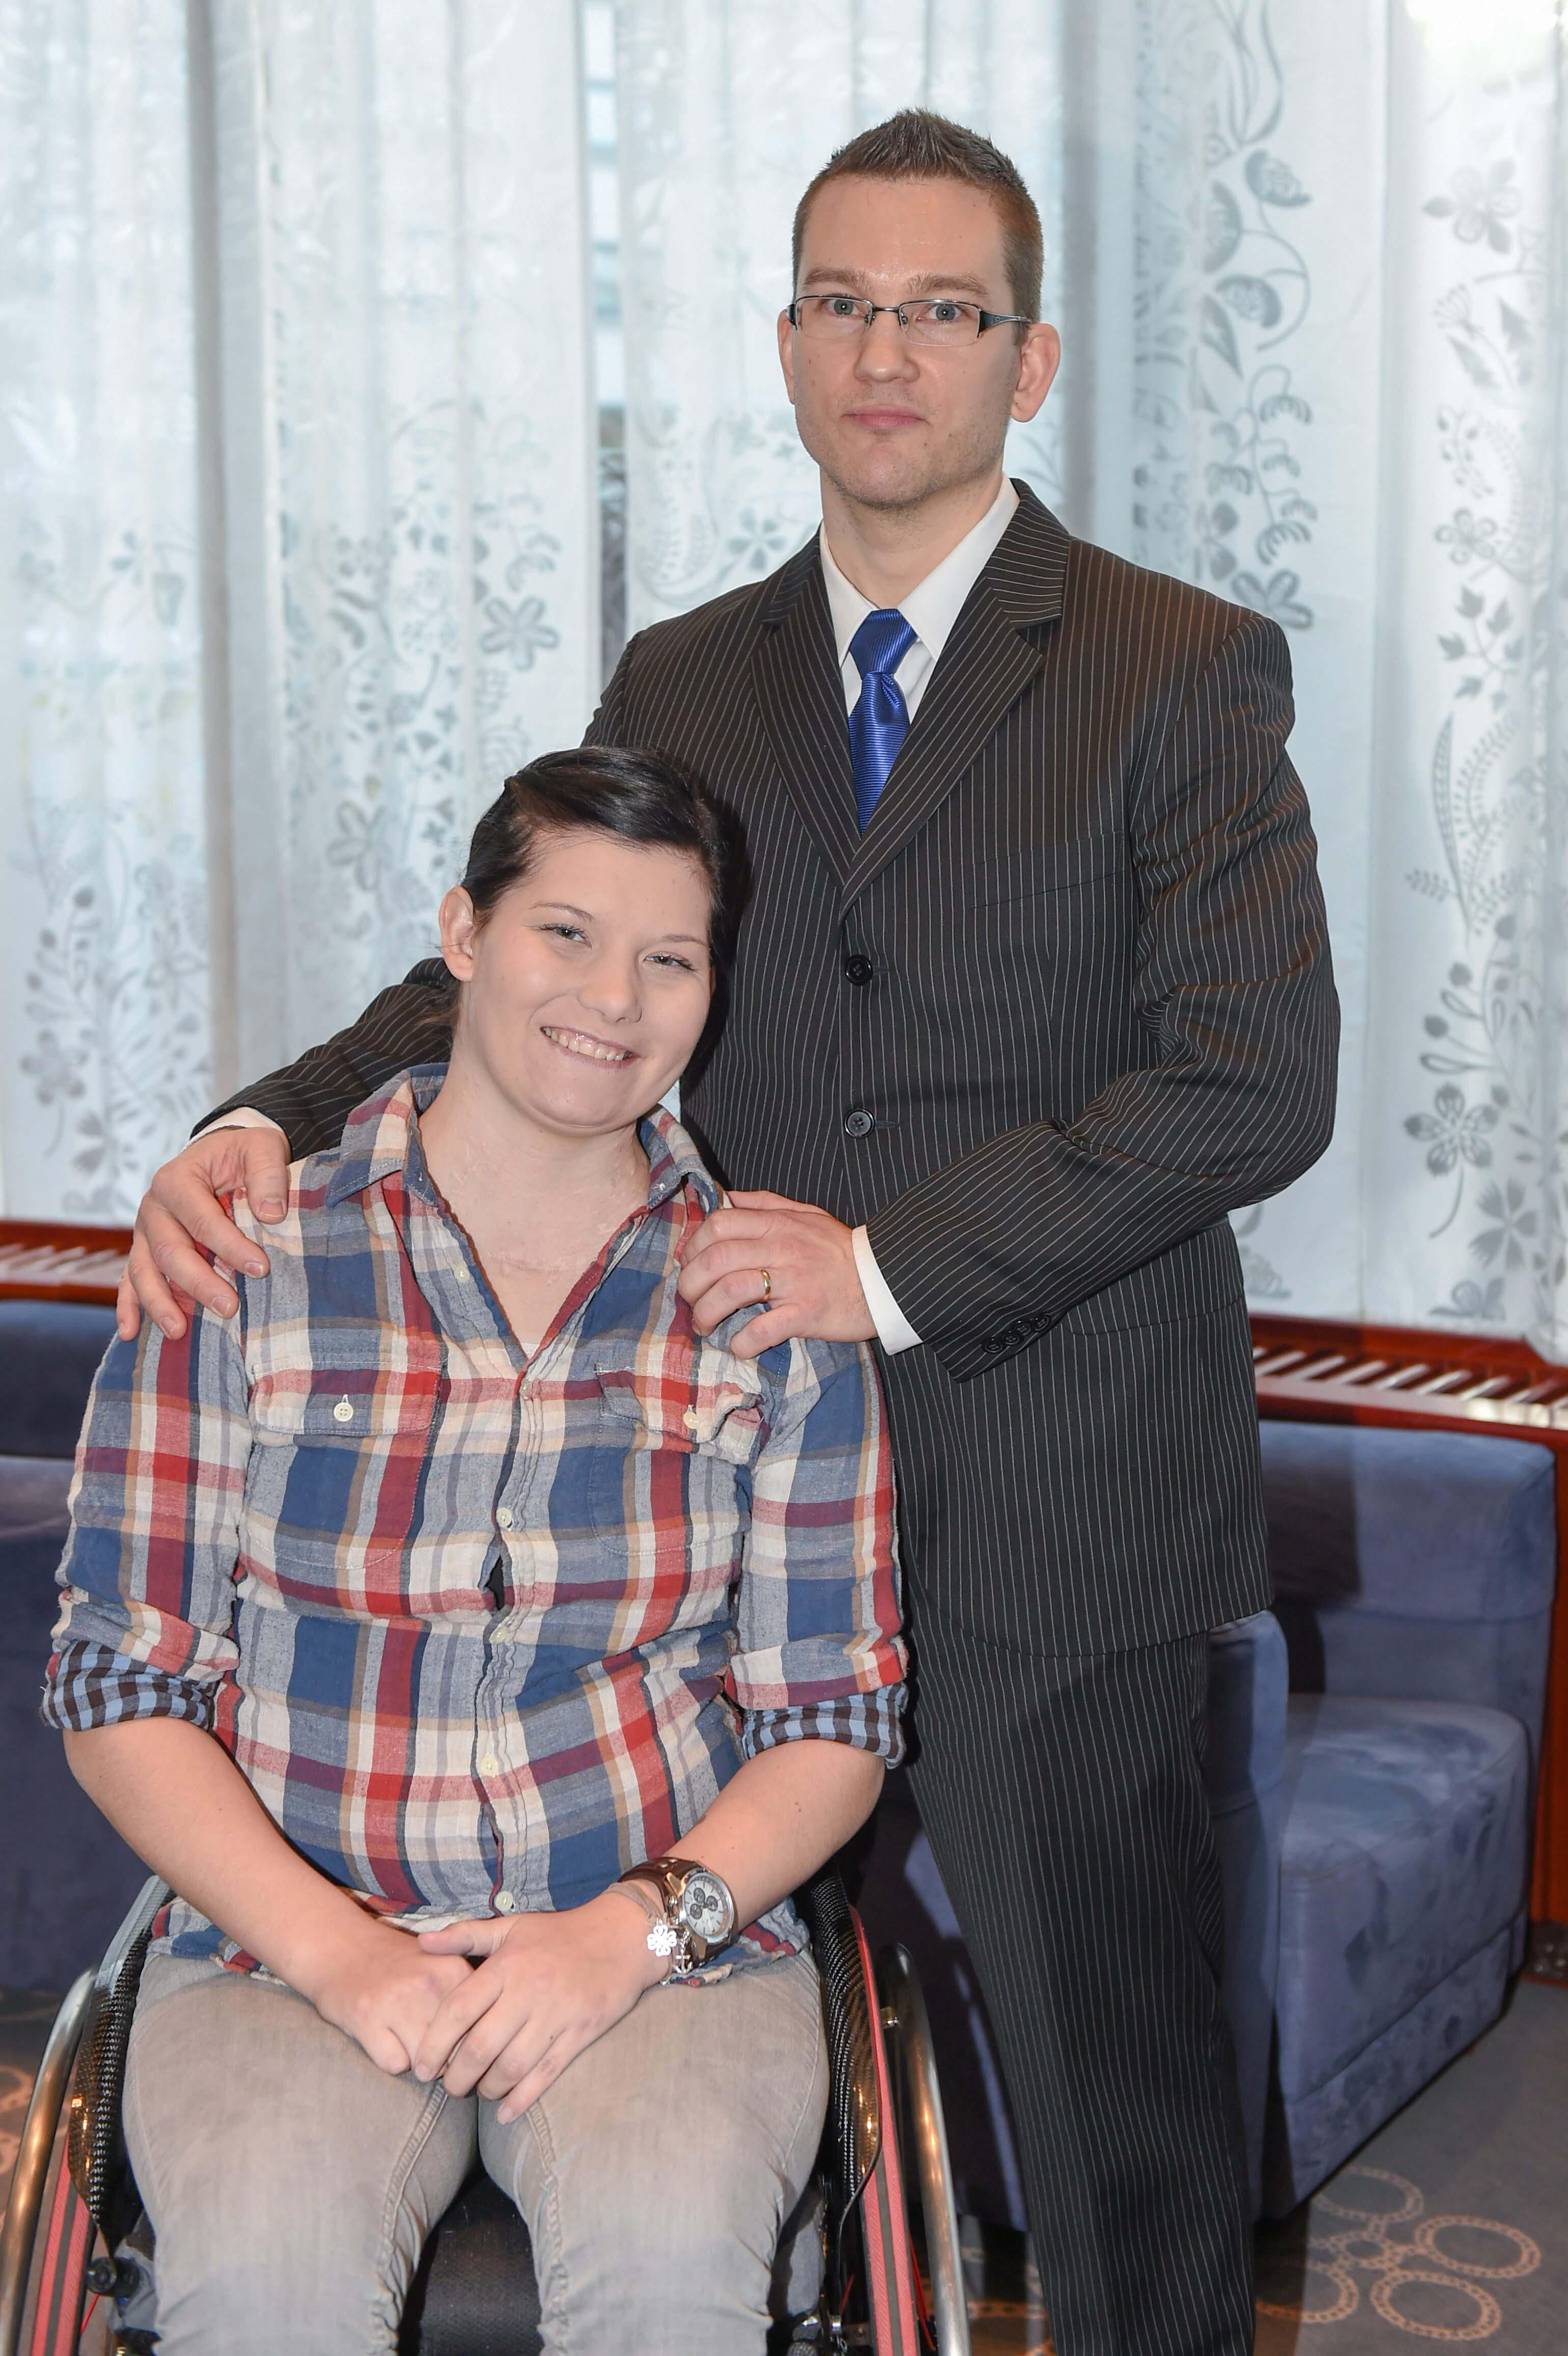 Tuomas juoksi sata kilometriä ja keräsi varoja kollegalleen Heidi Foxellille.